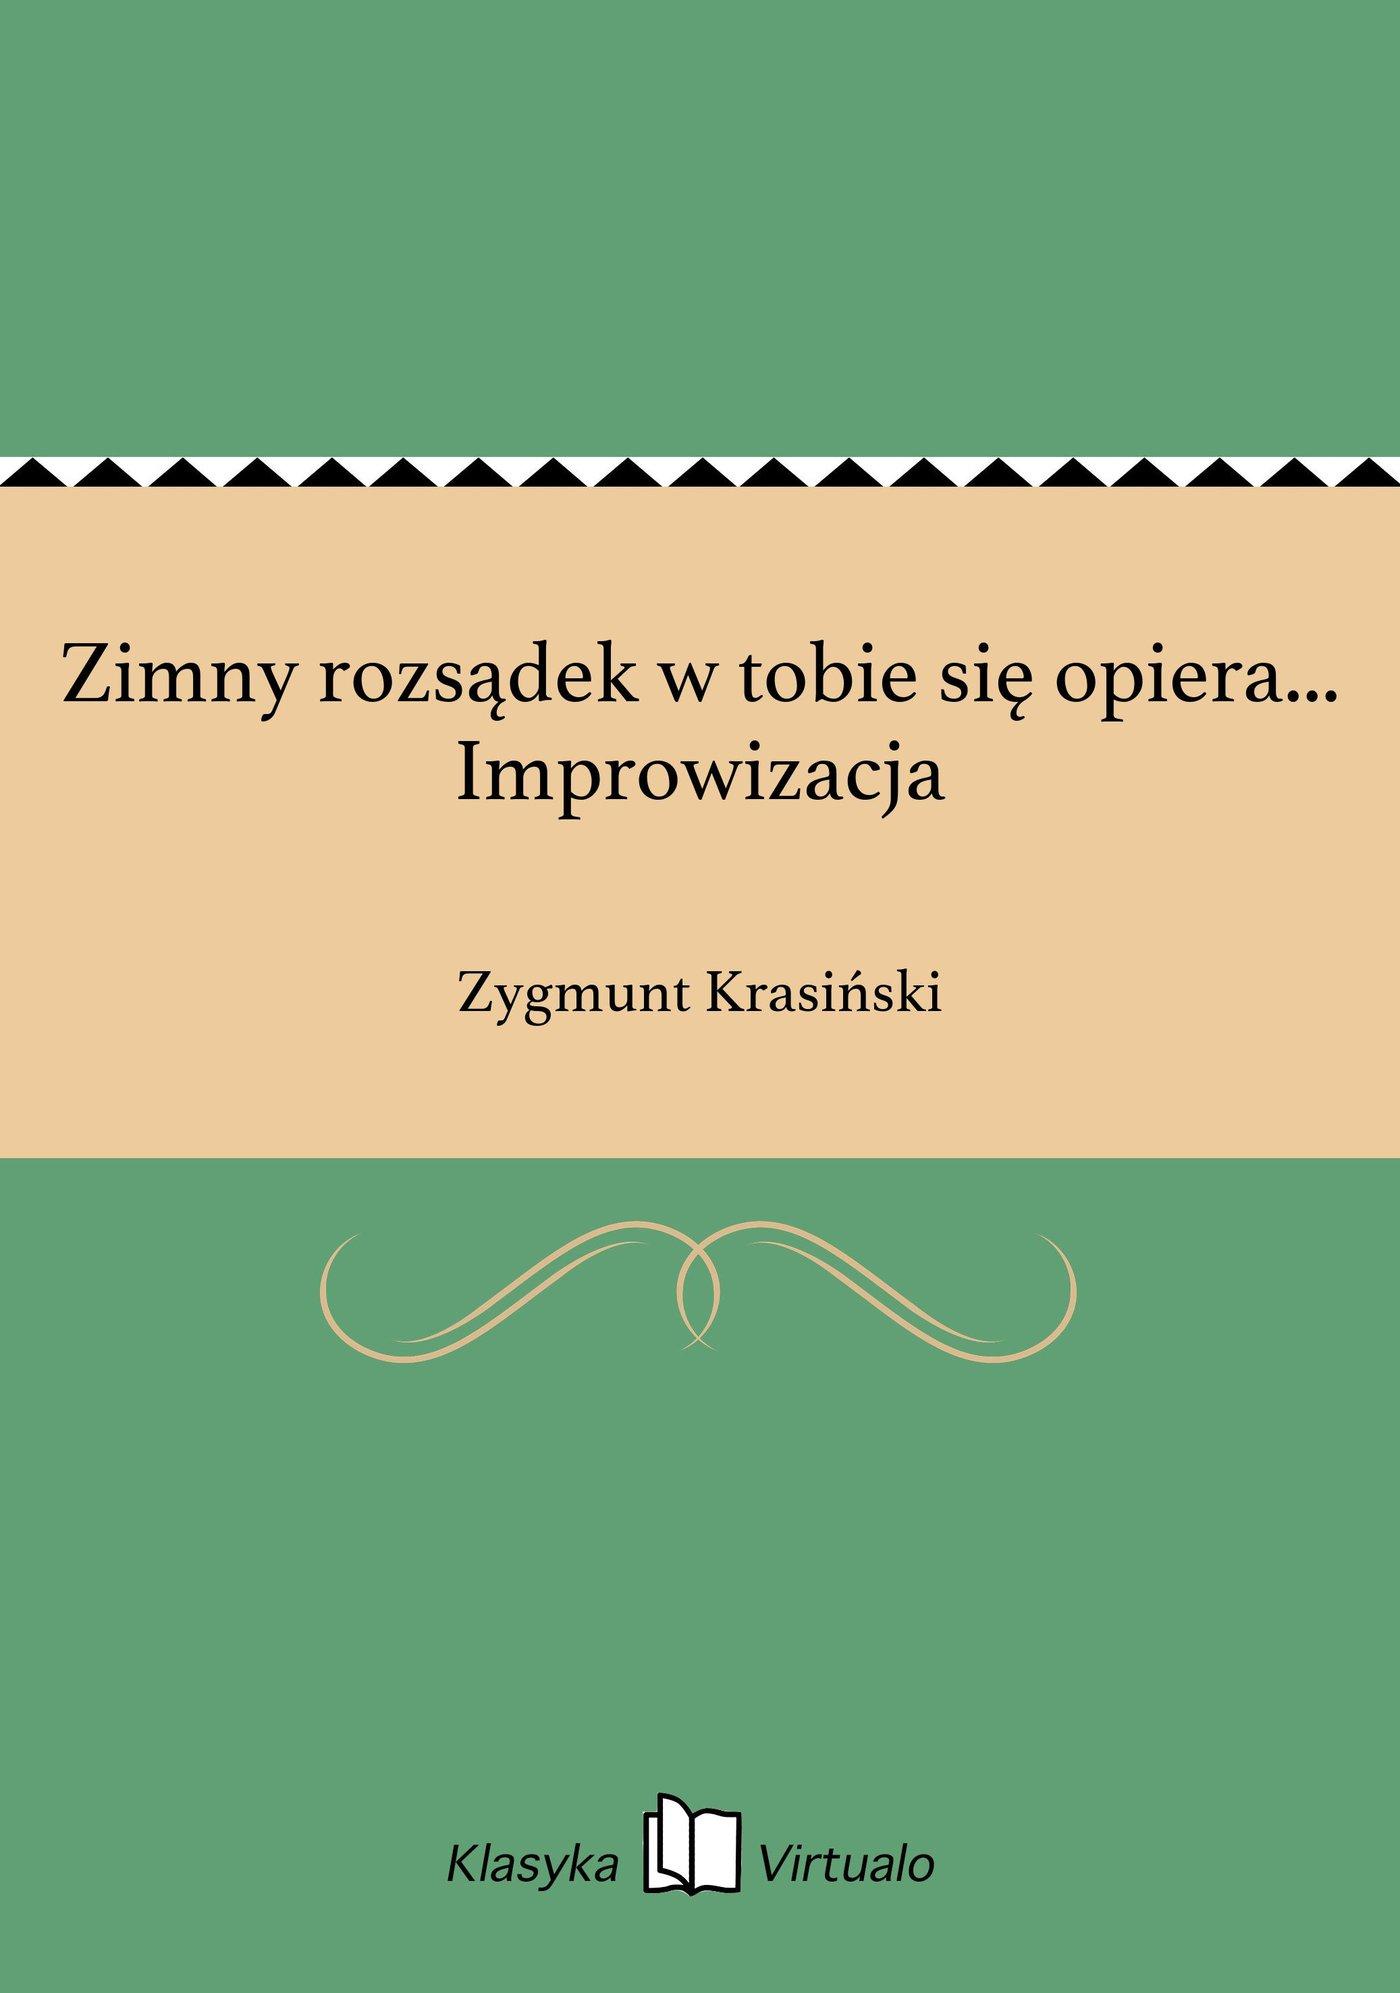 Zimny rozsądek w tobie się opiera... Improwizacja - Ebook (Książka na Kindle) do pobrania w formacie MOBI